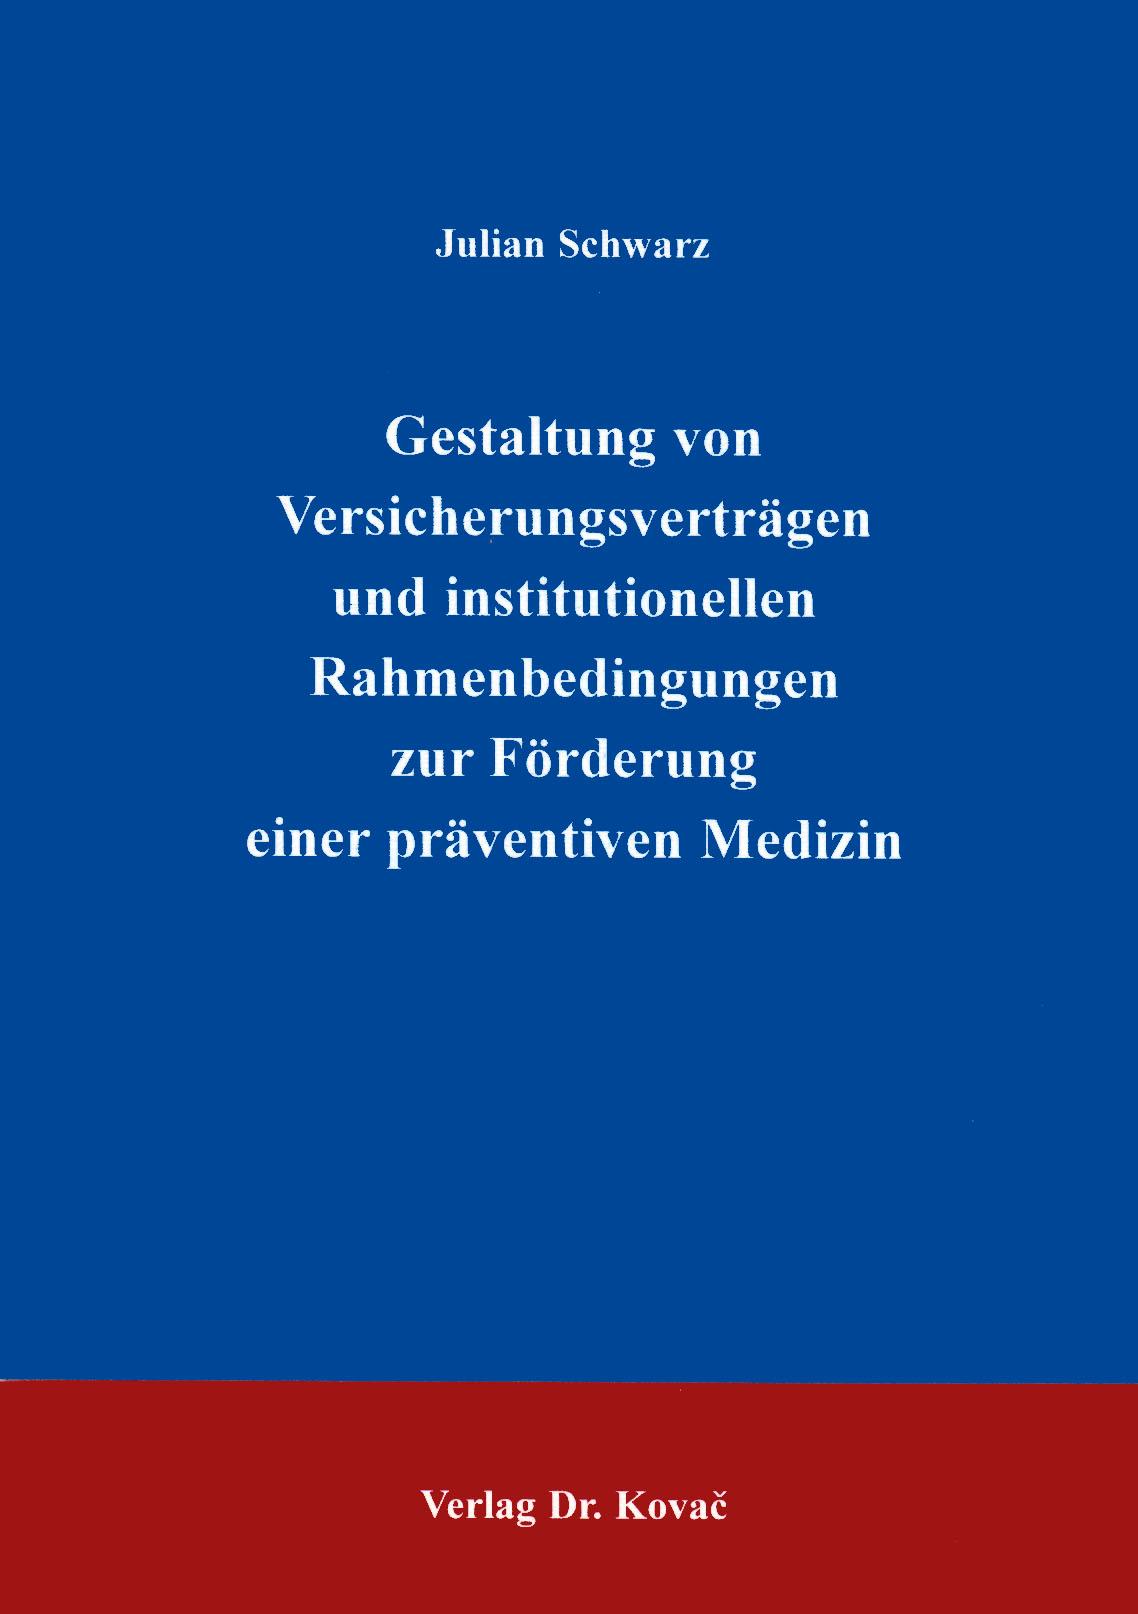 Cover: Gestaltung von Versicherungsverträgen und institutionellen Rahmenbedingungen zur Förderung einer präventiven Medizin